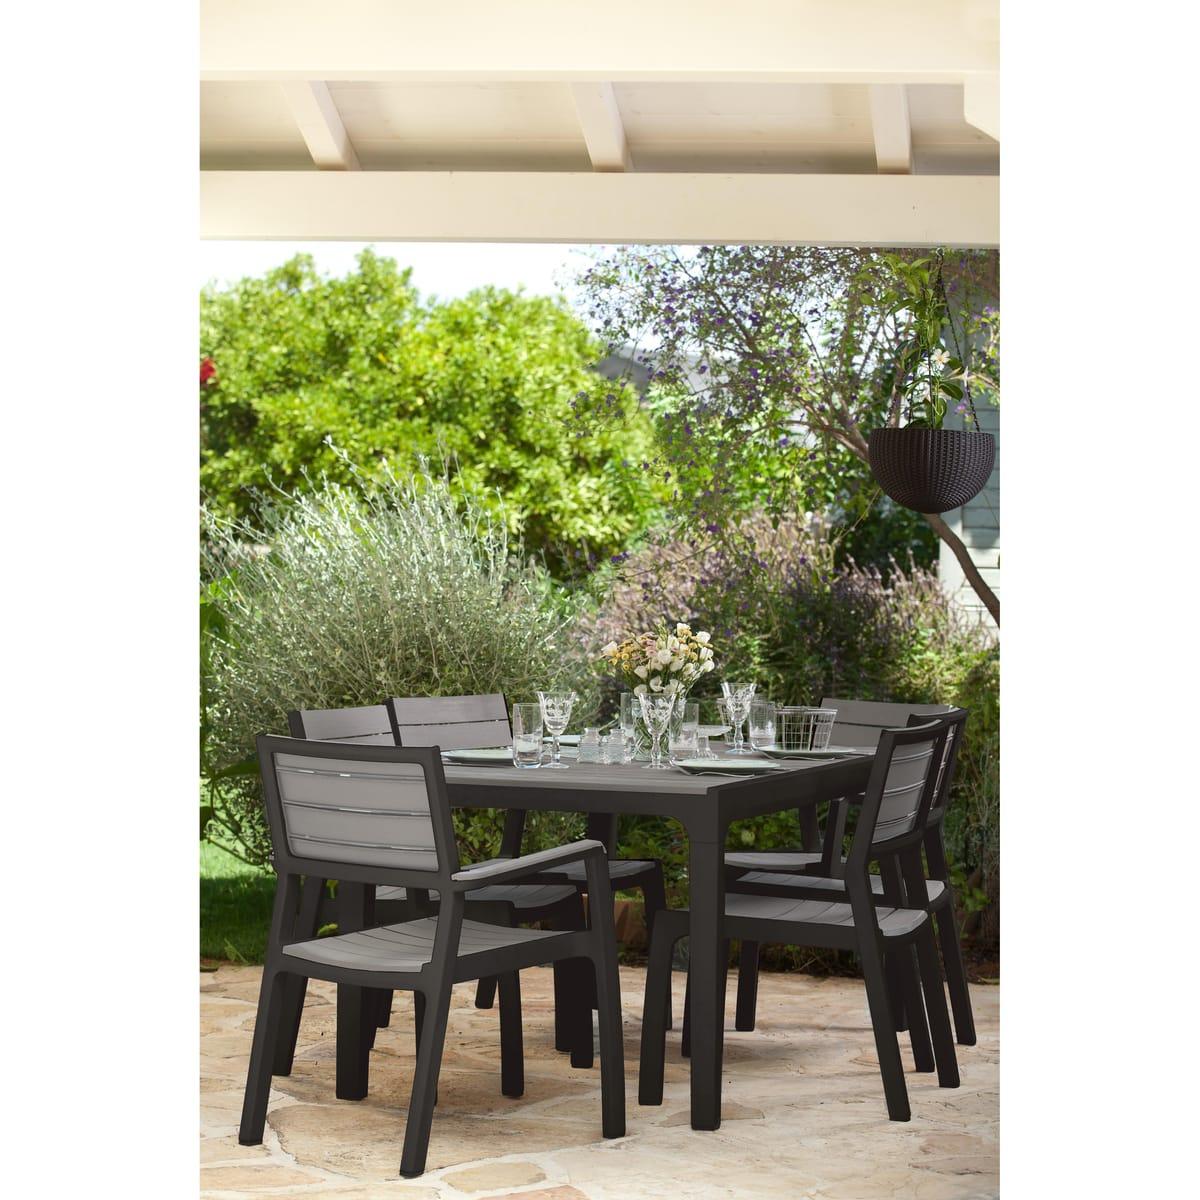 Haut Table Jardin Auchan Pour De Nouveau Meilleur ... encequiconcerne Auchan Salon De Jardin